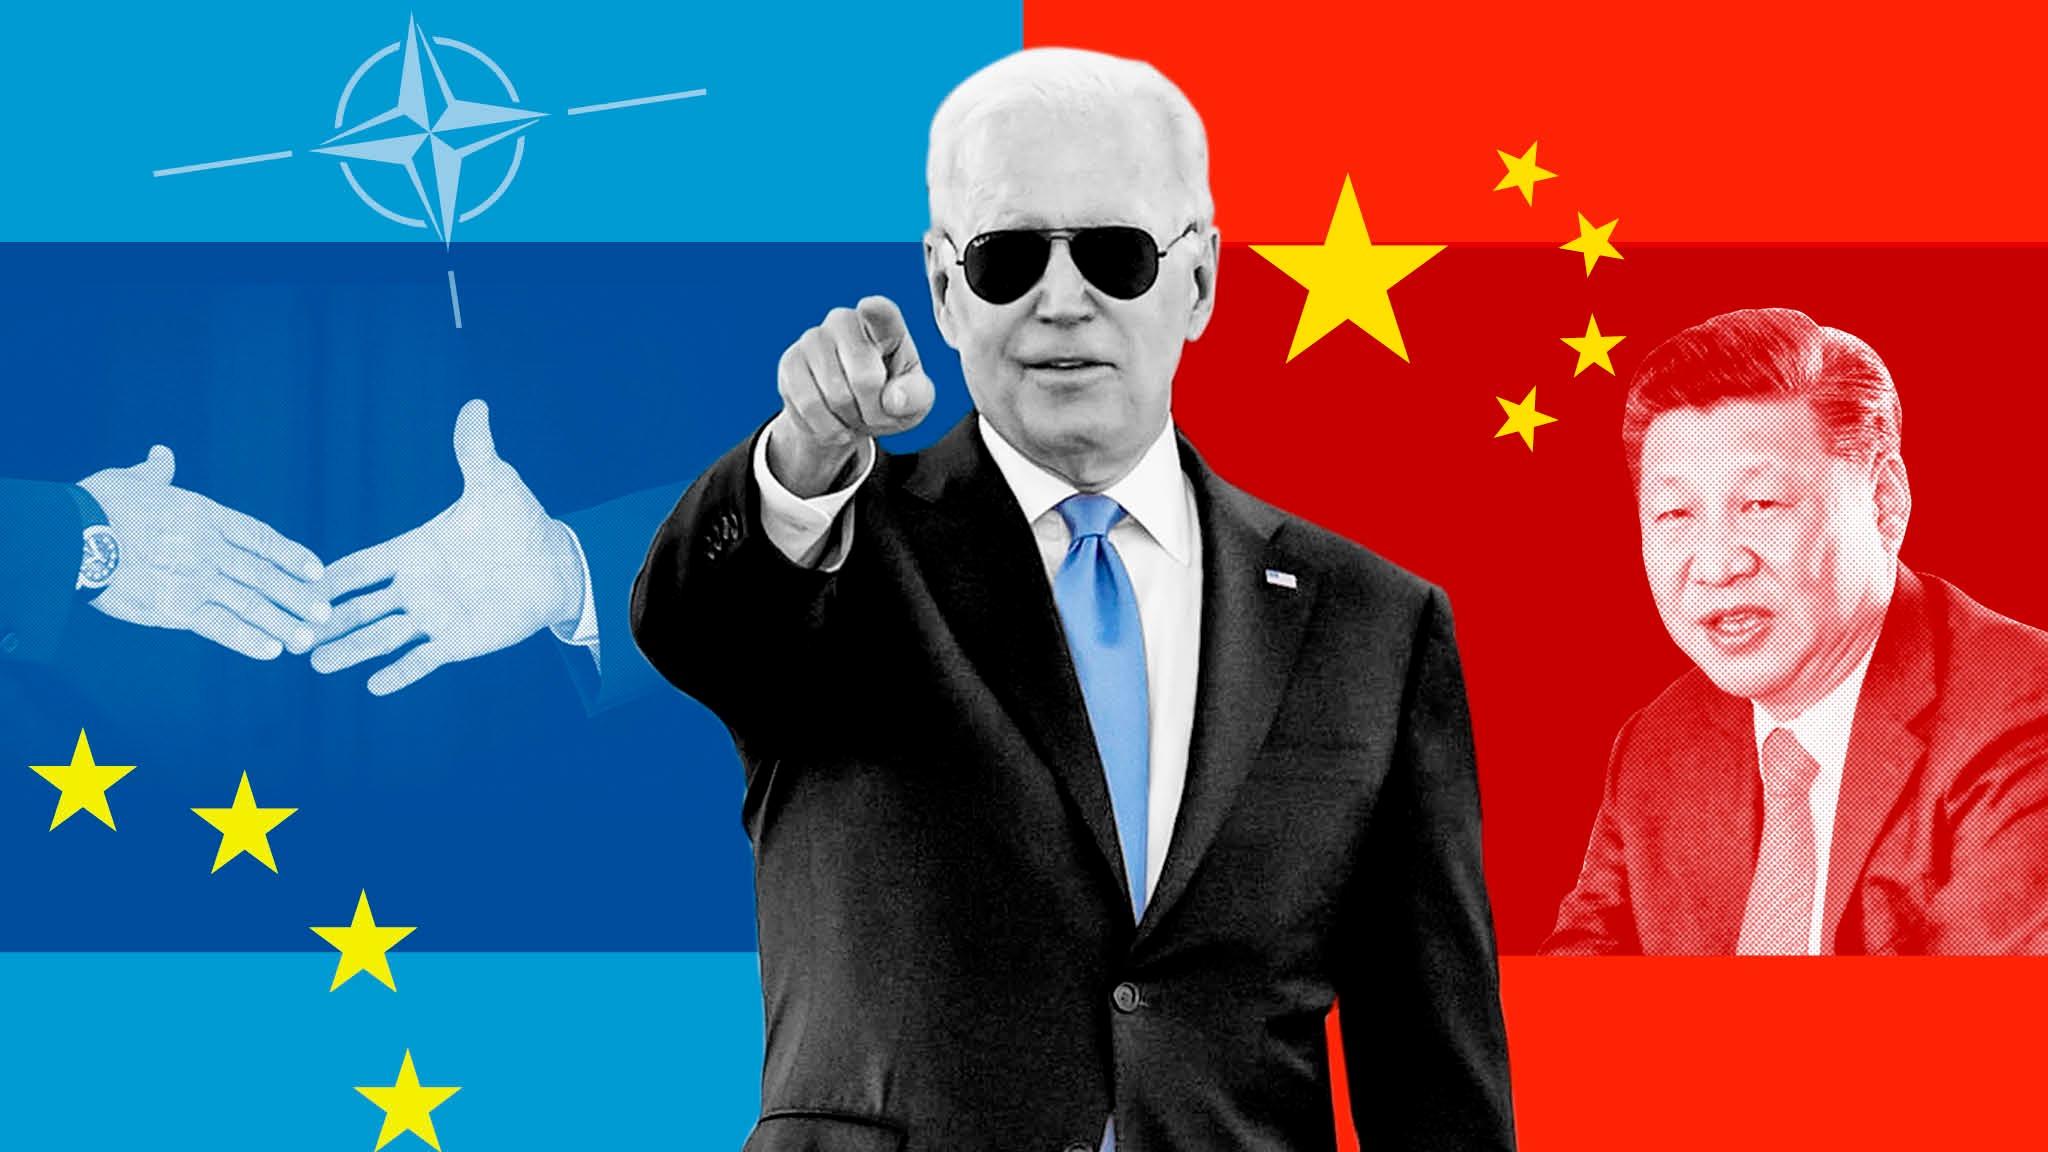 الصين تتفاعل مع تبرع الولايات المتحدة بلقاح لتايوان